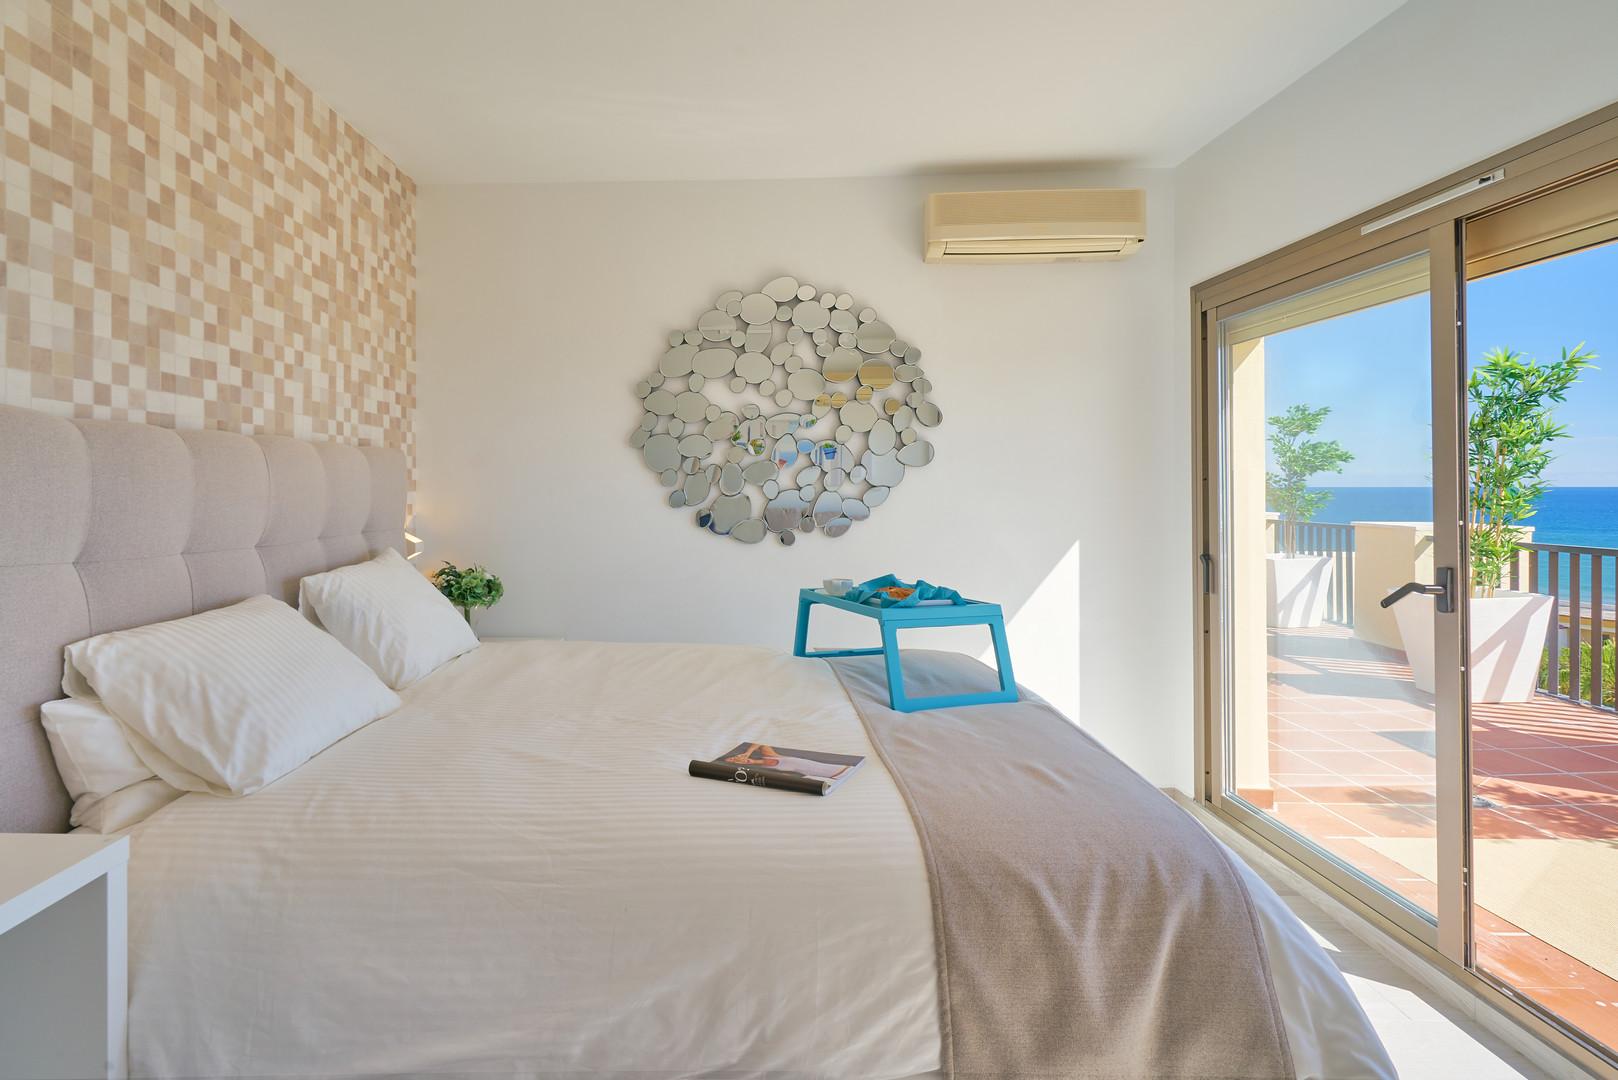 vida de lujo romana playa marbella.jpg